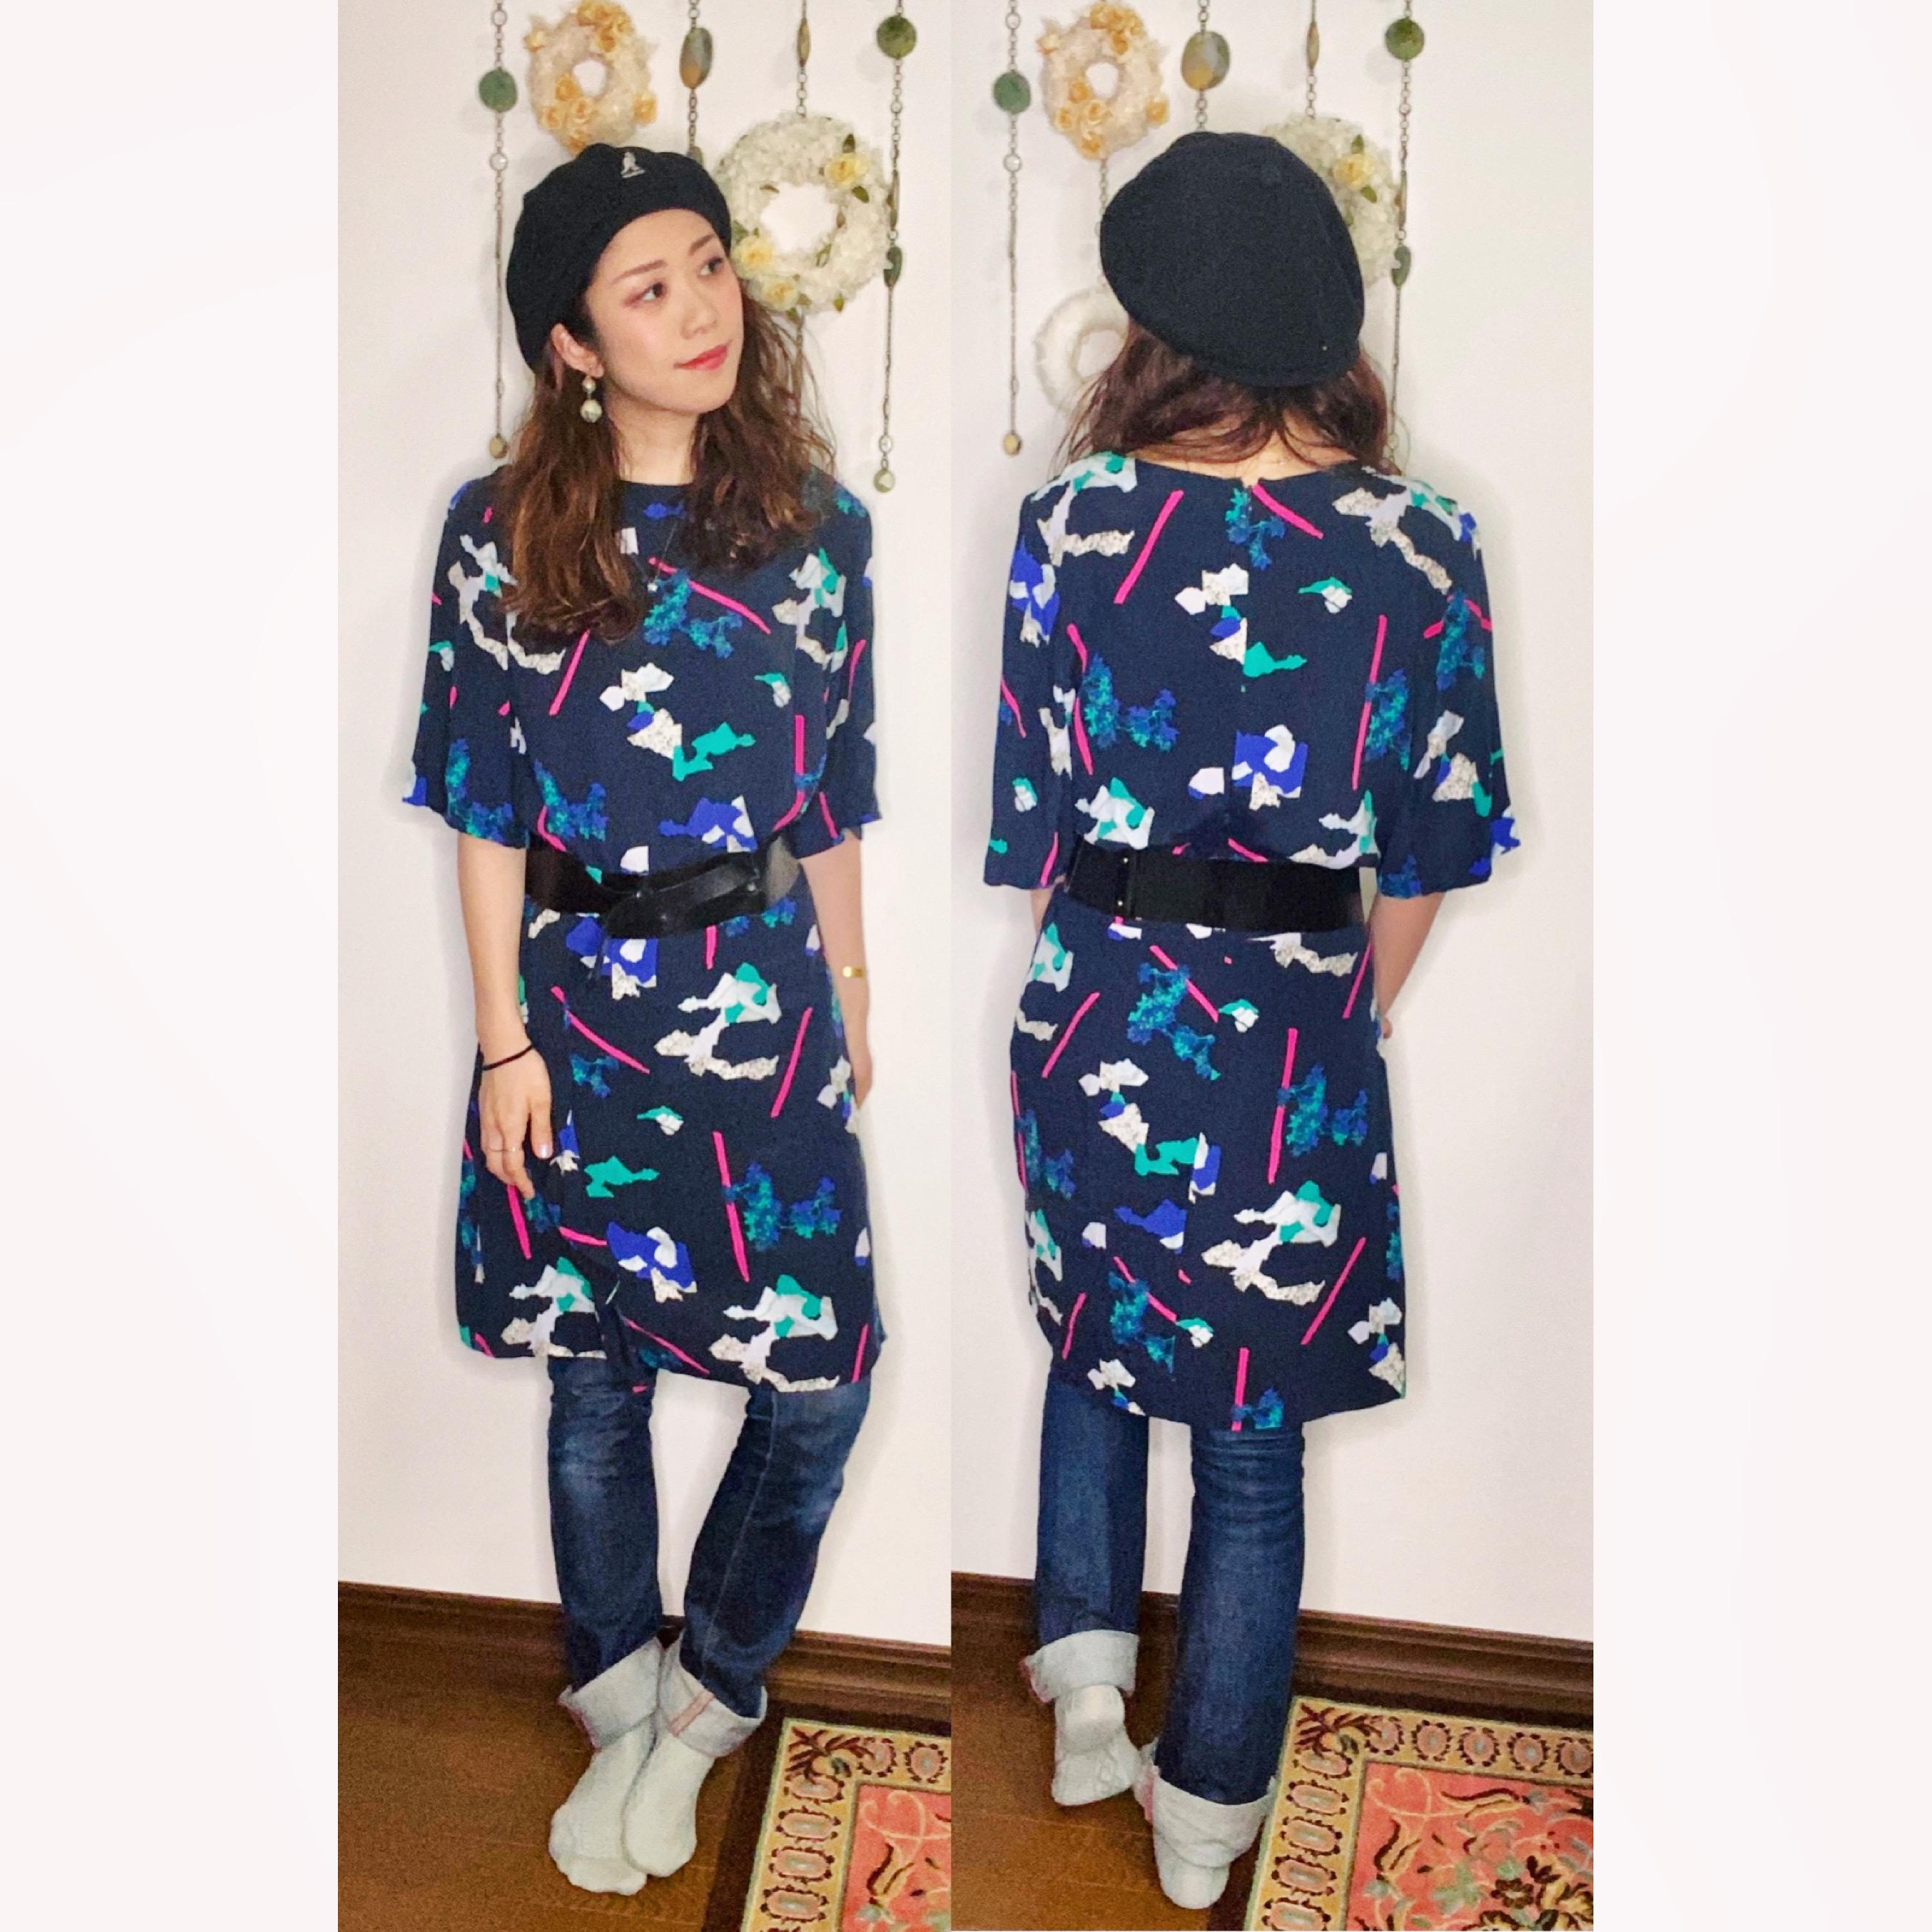 【オンナノコの休日ファッション】2020.9.5【うたうゆきこ】_1